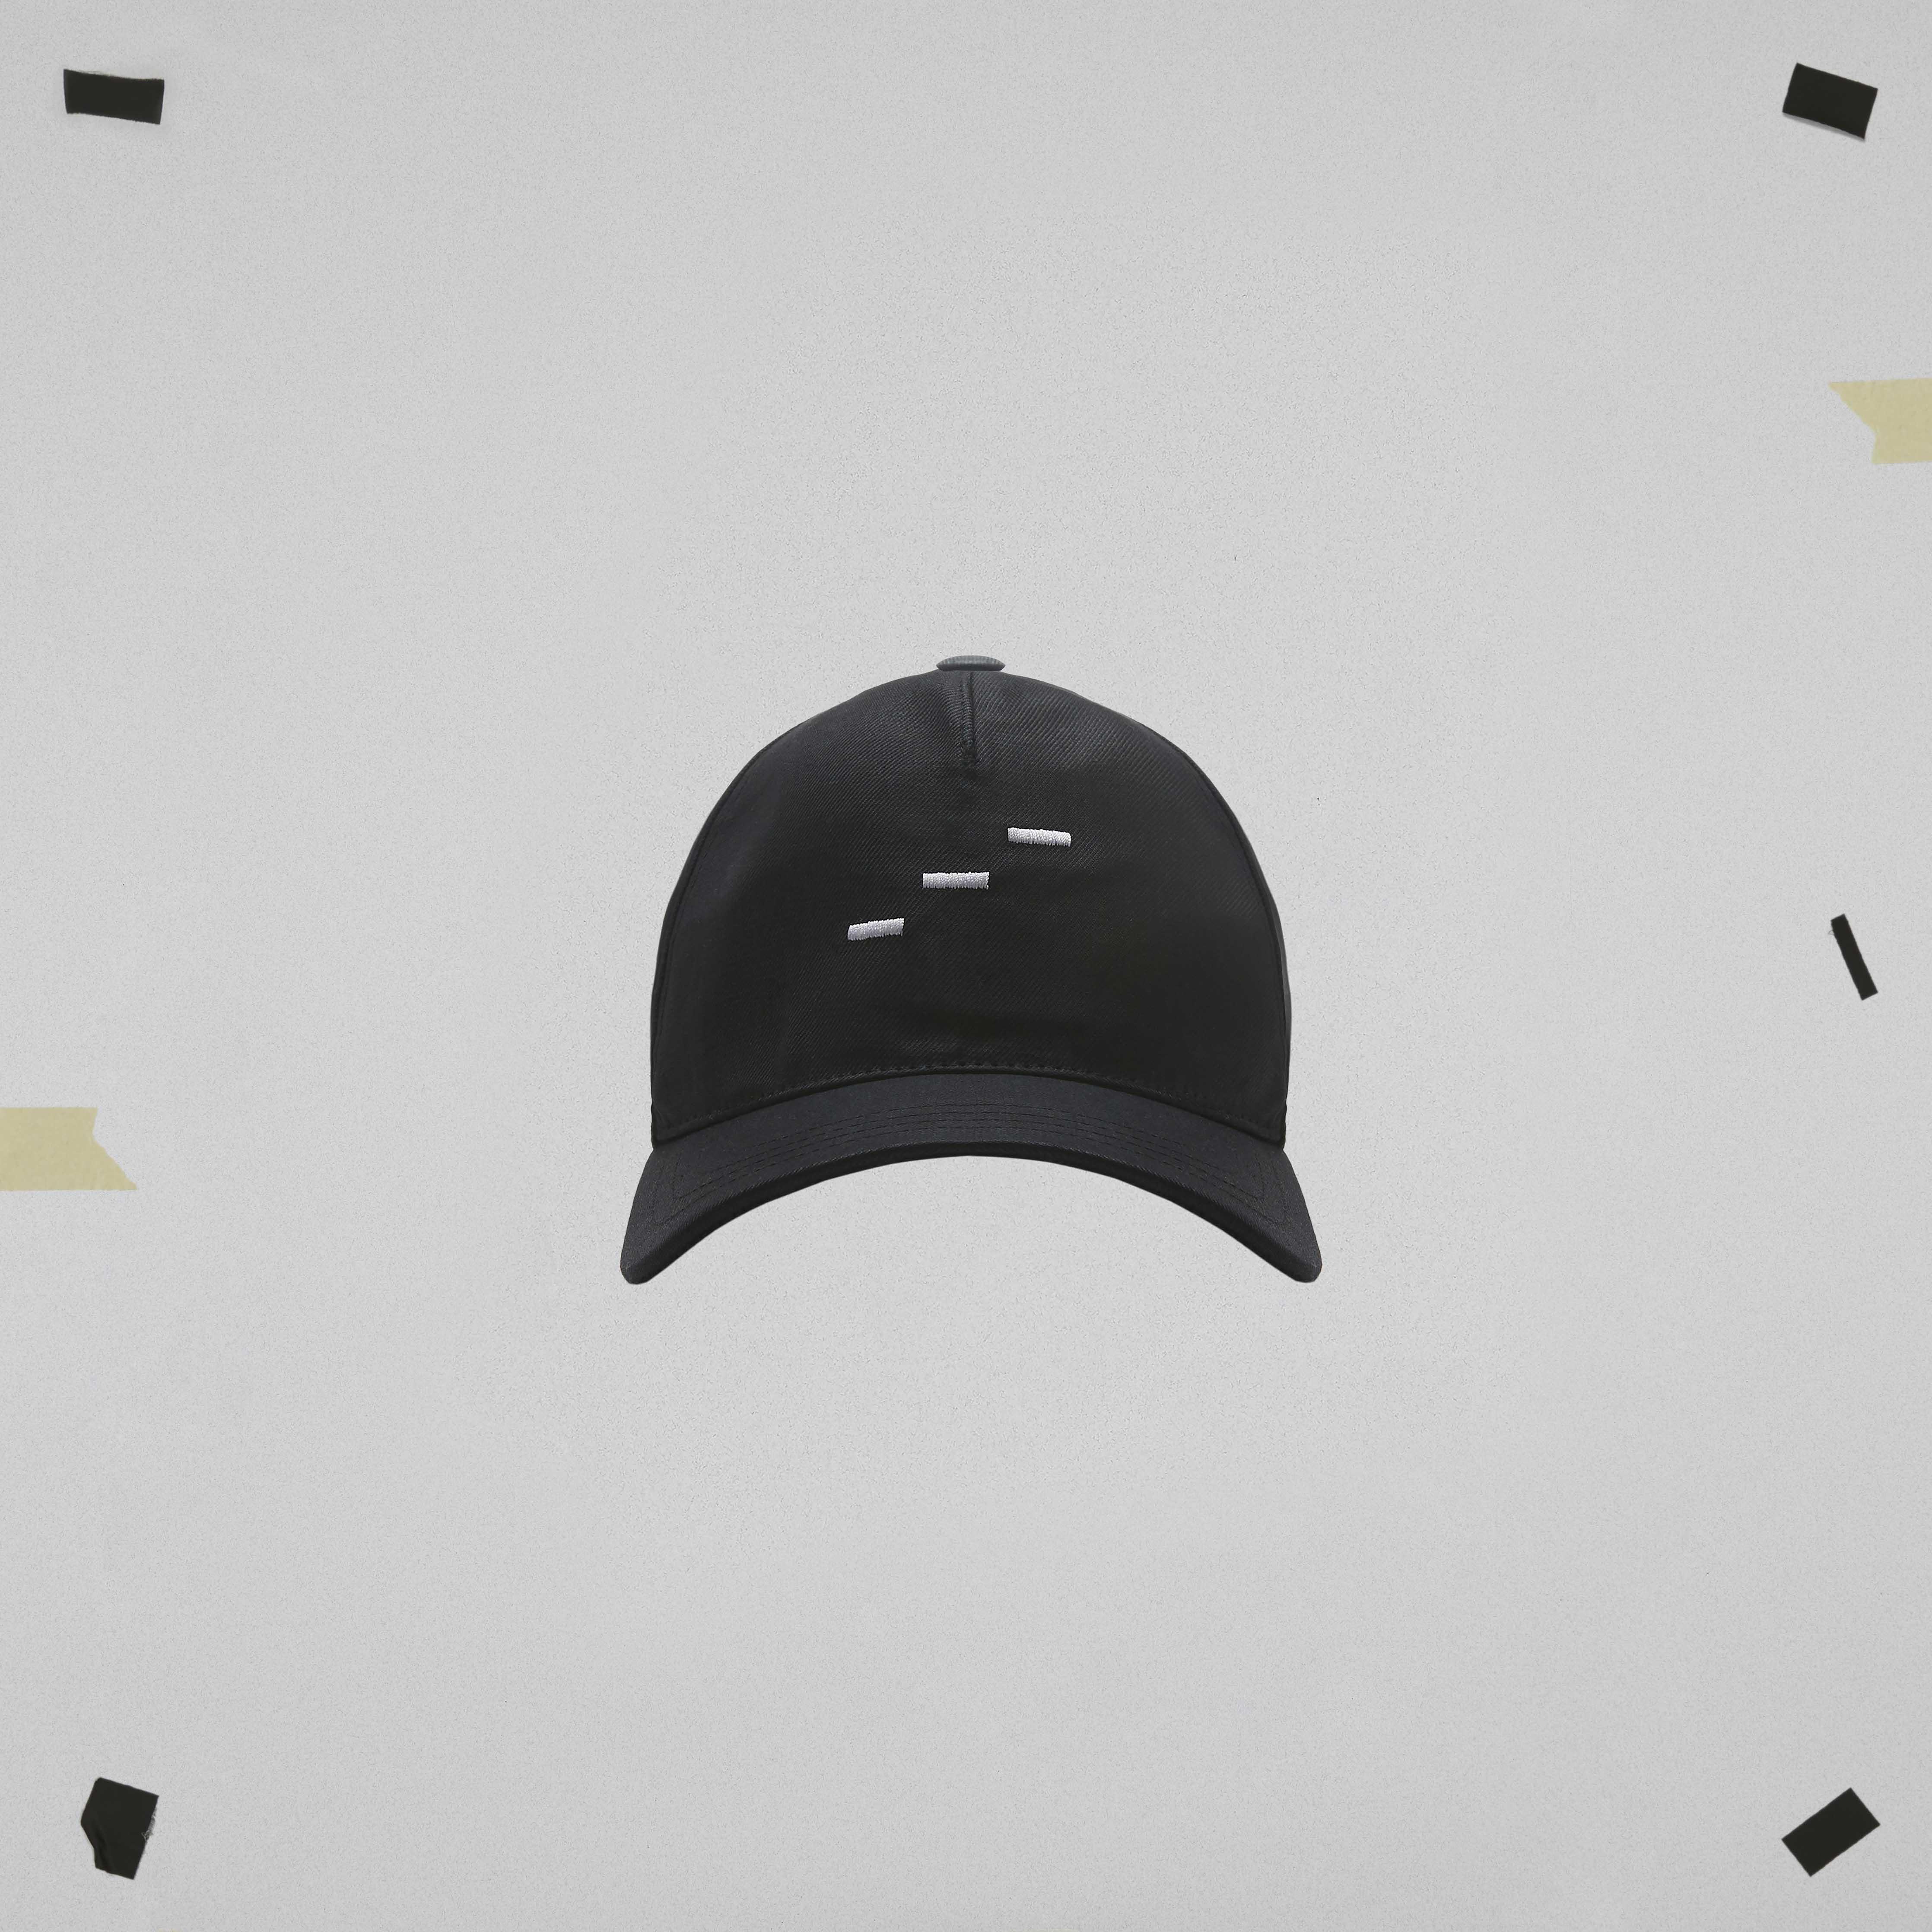 HYPHENS BASEBALL CAP